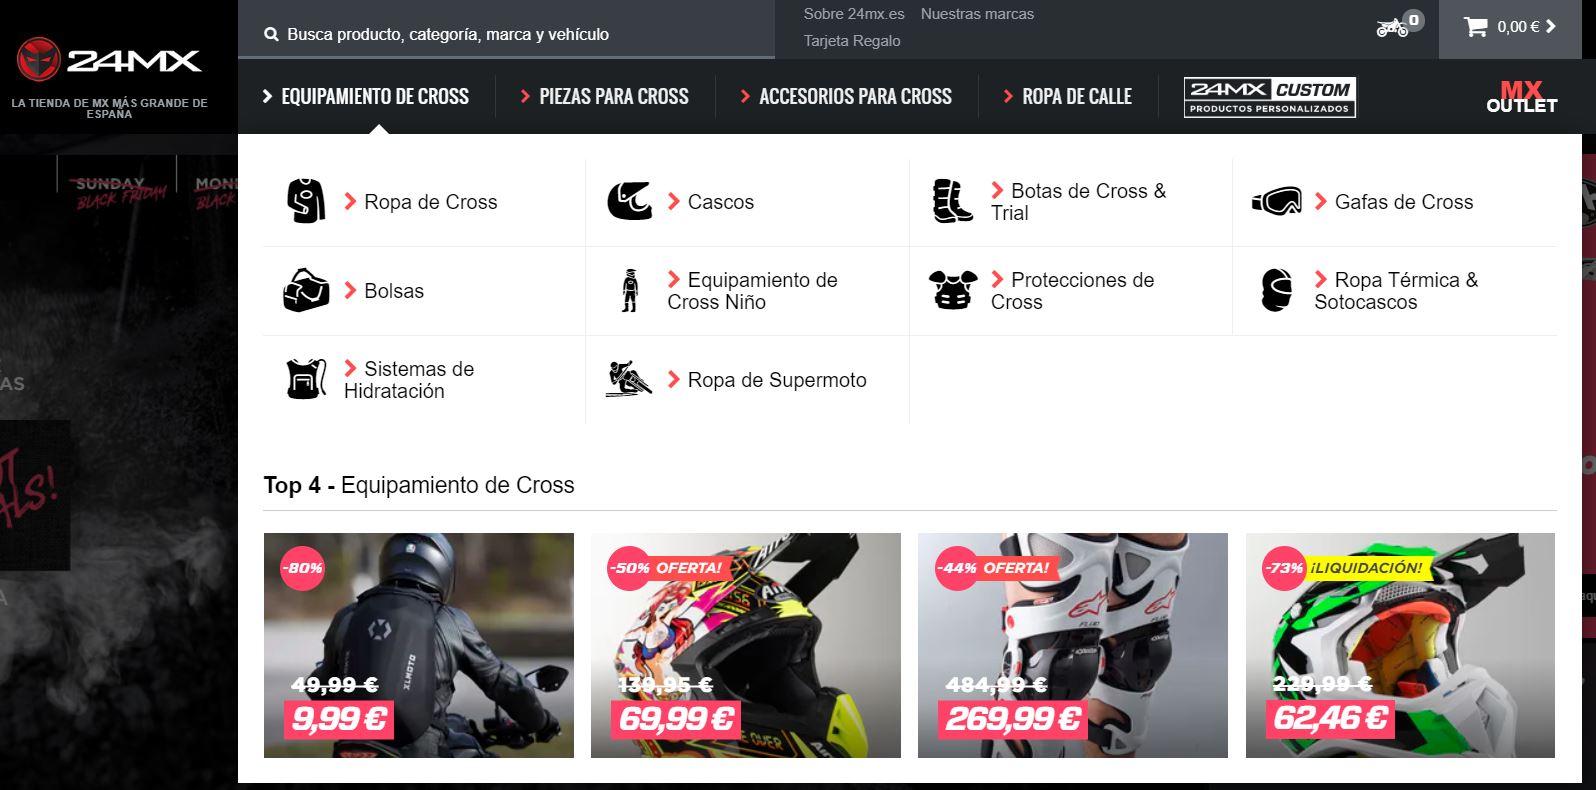 Tienda de motocross 24MX